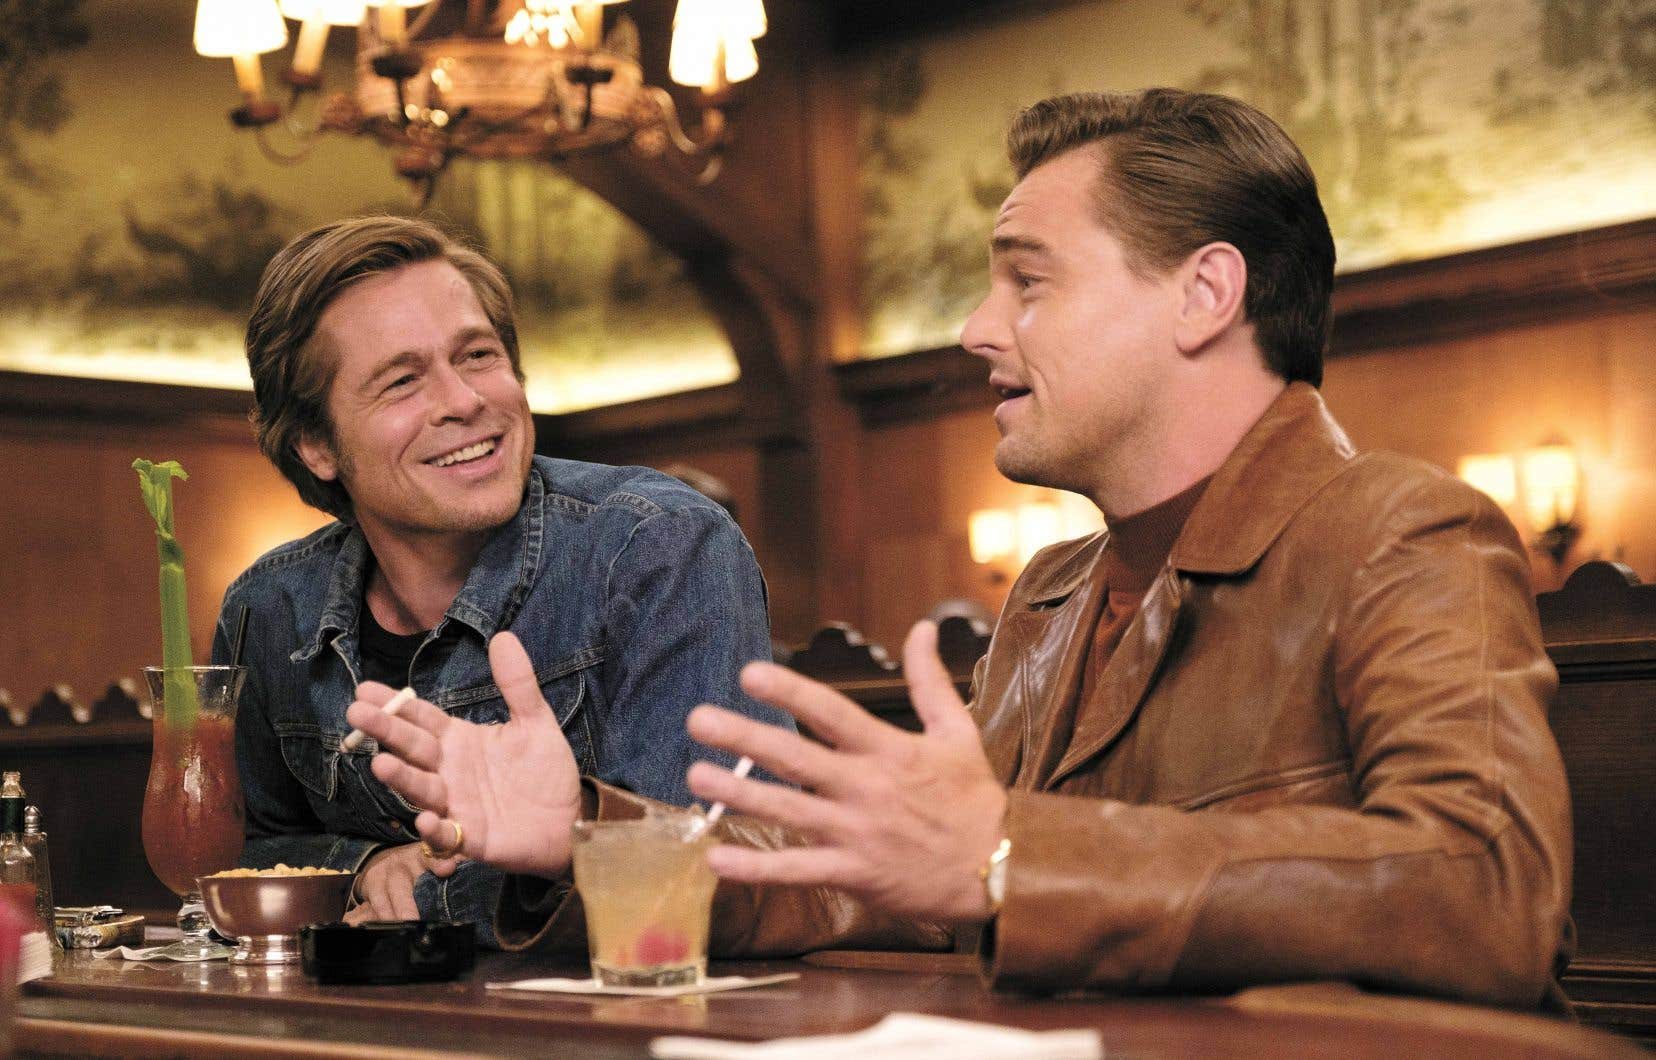 Brad Pitt est irréprochable dans son rôle de cascadeur débonnaire et Leonardo DiCaprio trouve pour sa part l'une de ses meilleures partitions dans son incarnation d'un acteur déchu et un brin alcoolo.